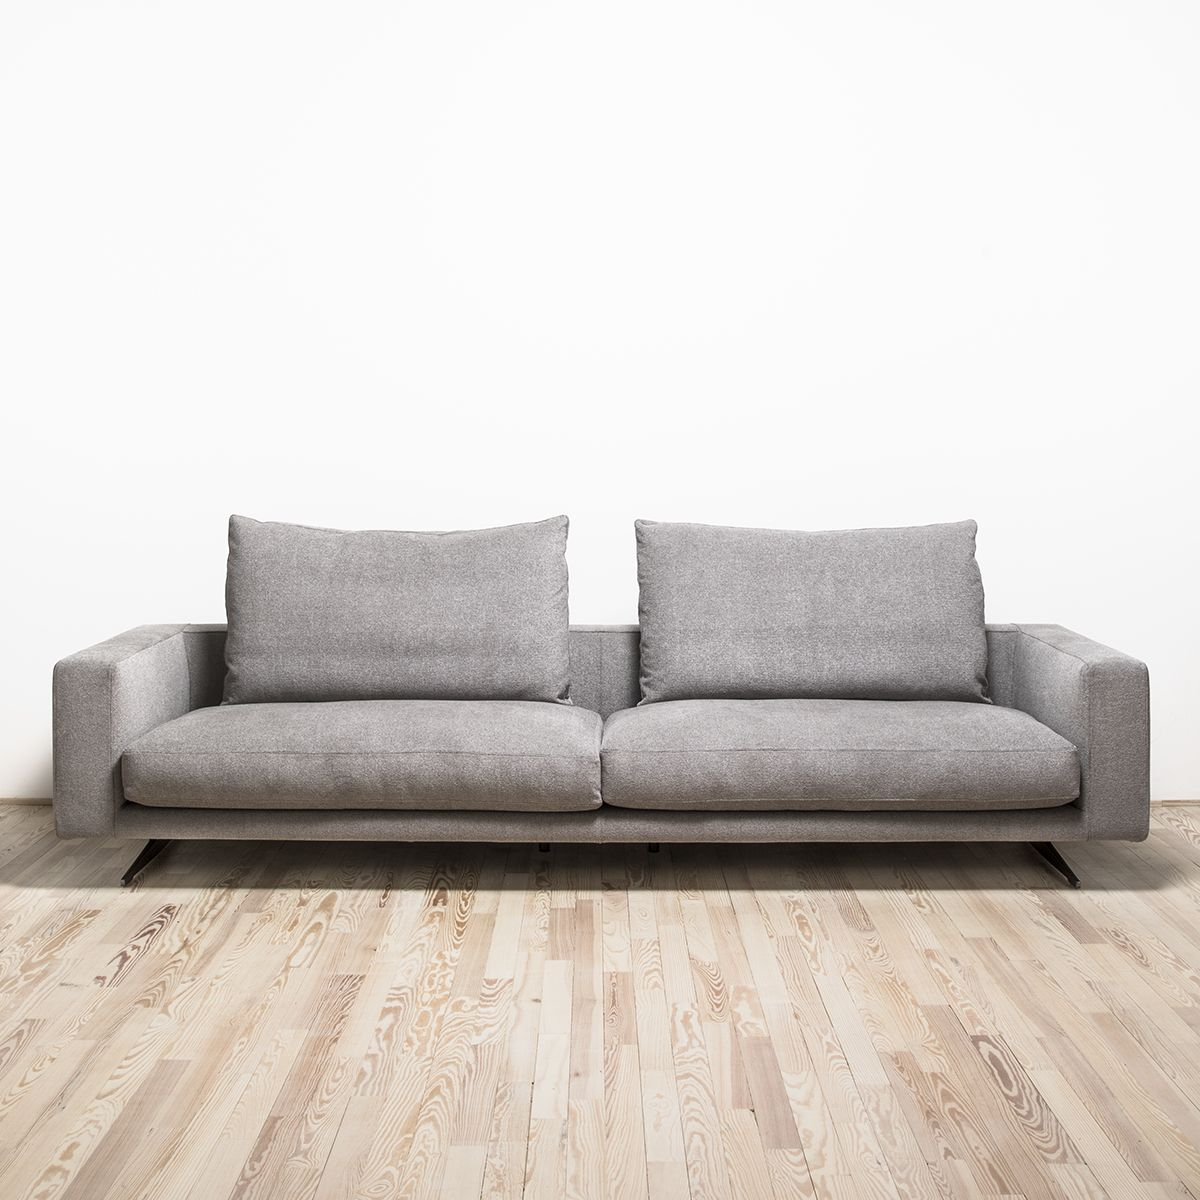 Full Size of Flexform Sofa Campiello By Original Naharro Furniture Online Store 2 Sitzer Mit Schlaffunktion 2er Barock Günstig Kaufen L Chippendale Kolonialstil Zweisitzer Sofa Flexform Sofa